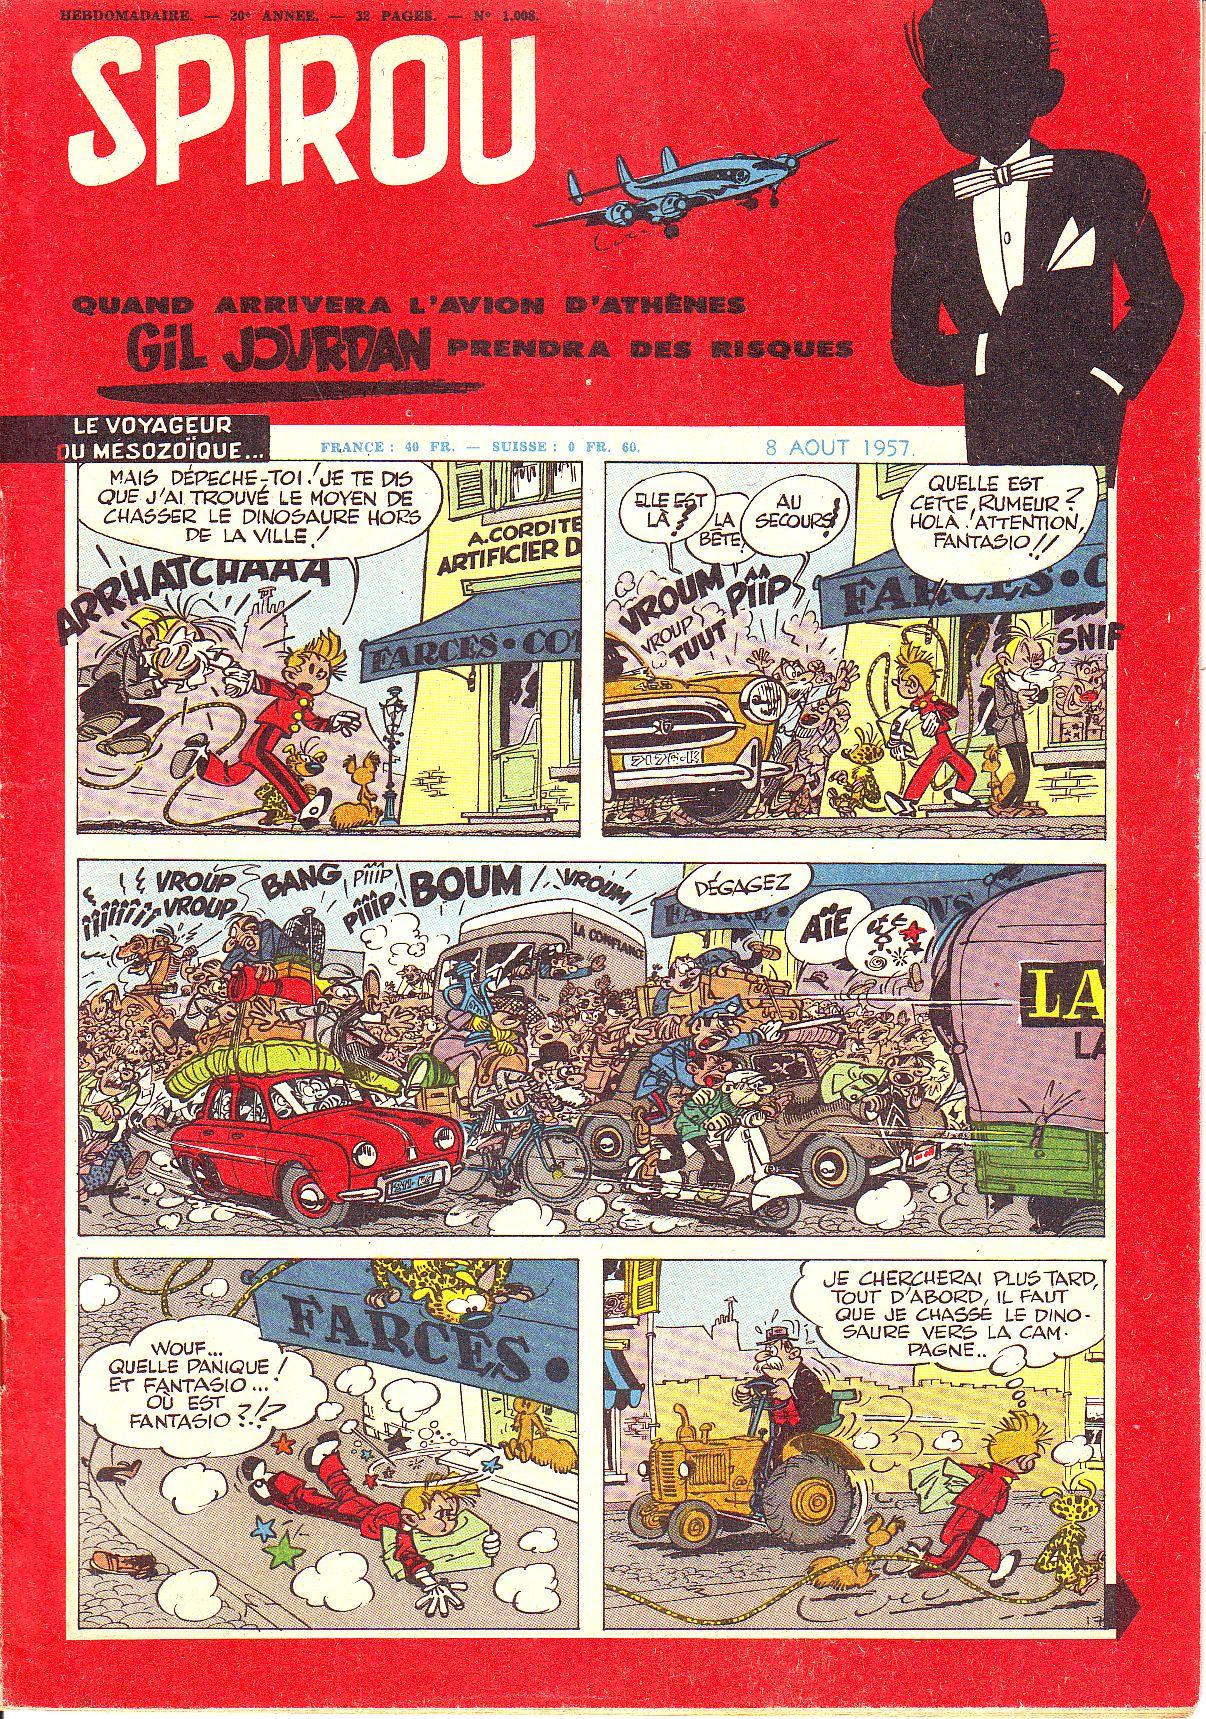 Le journal de Spirou 1008 - 1008